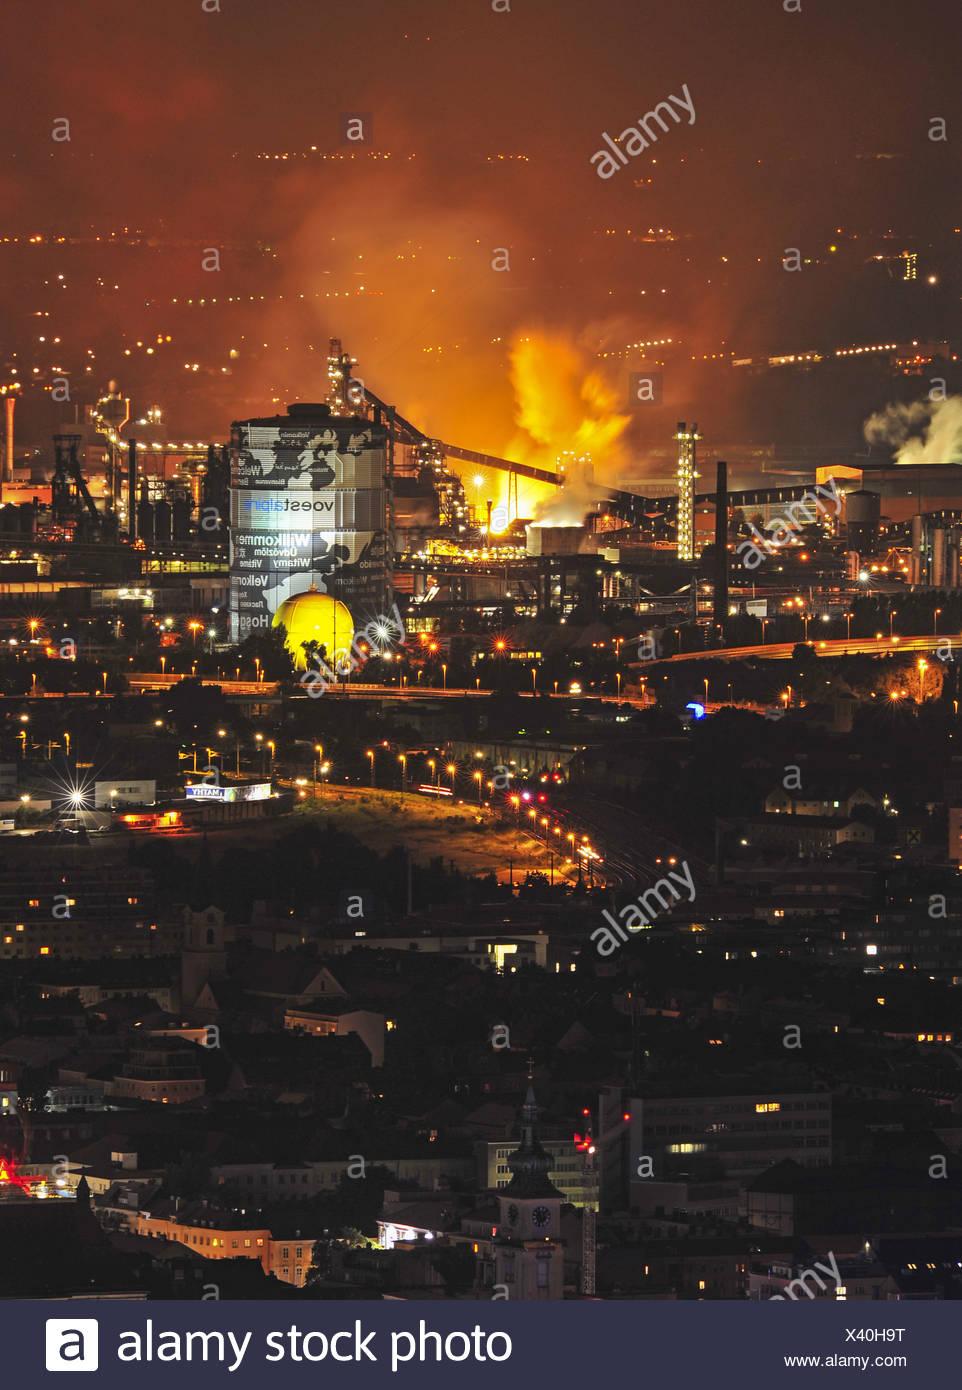 Blick vom PͶstlingberg auf VÖEST Linz, Industrie, Hochofen, Stadansicht, Nachtaufnahme Immagini Stock